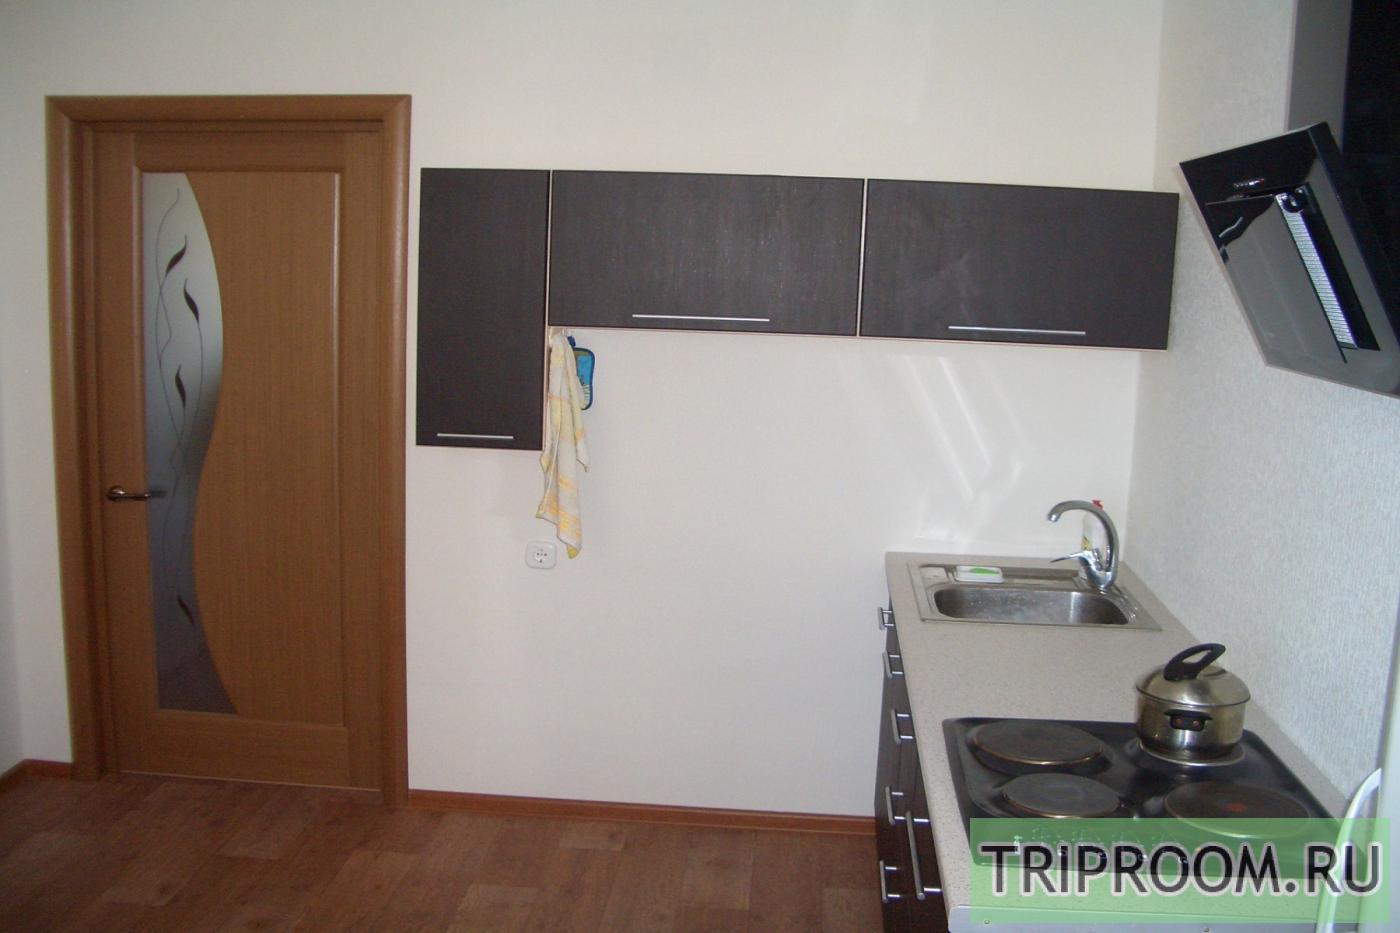 1-комнатная квартира посуточно (вариант № 32508), ул. Крахмалева улица, фото № 9